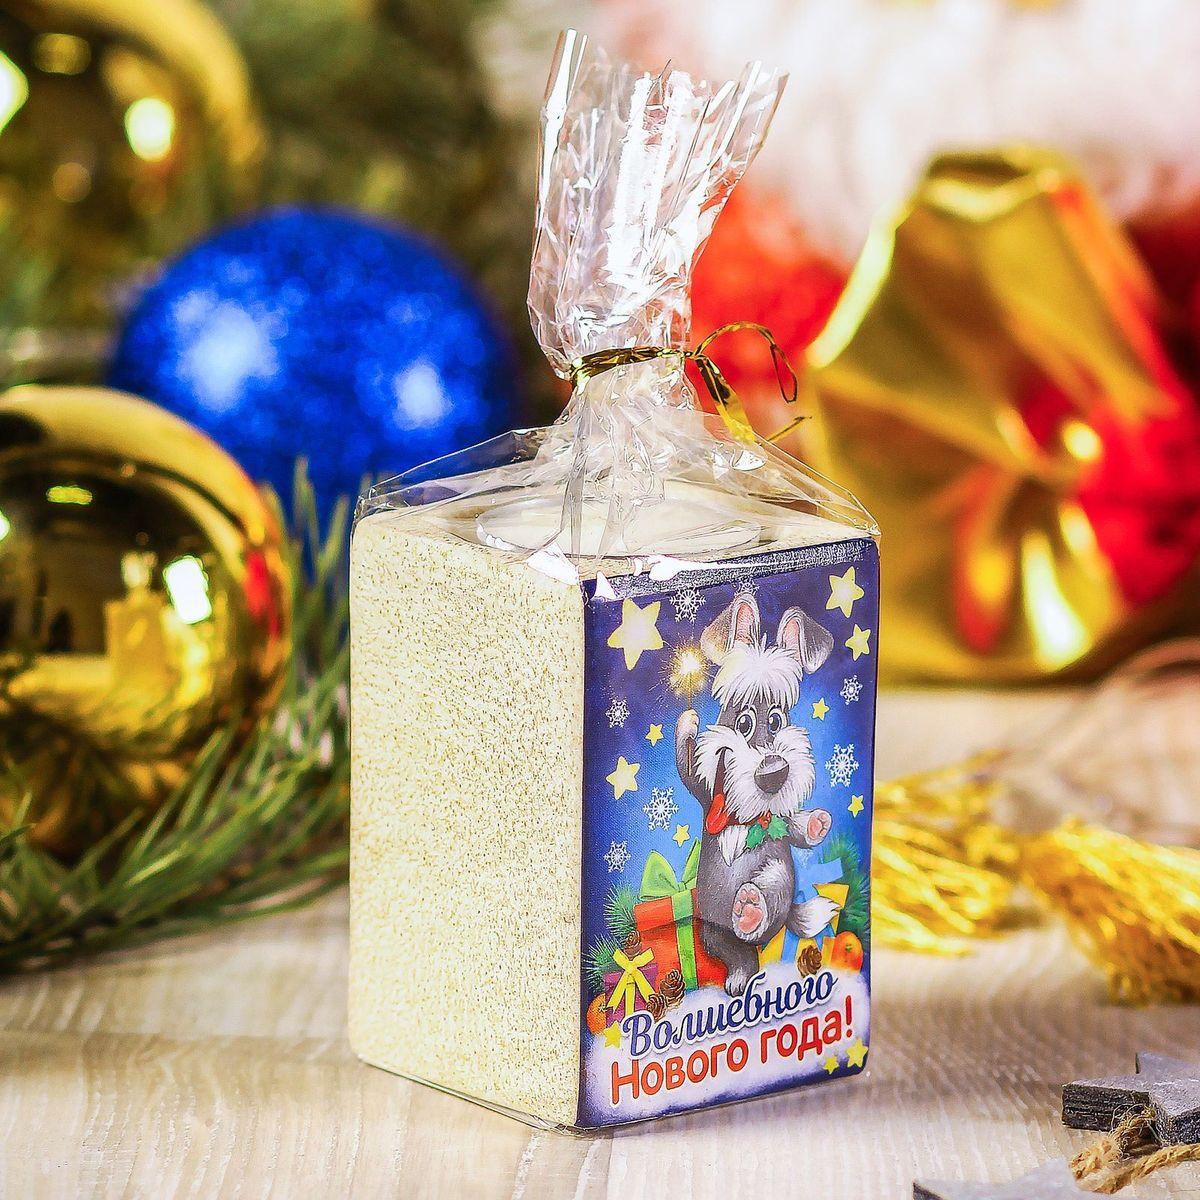 Подсвечник Sima-land Волшебного Нового года 5,5 х 7,5 см2248044Создать романтичную атмосферу в самую волшебную ночь года поможет Подсвечник со свечой Волшебного Нового Года. Мерцающий свет от одного или нескольких изделий наполнит комнату теплом и принесёт новогоднее настроение.Сувенир станет приятным сюрпризом или отличным дополнением к основному подарку.Внимание! Расставляйте зажжённые свечи аккуратно, вдали от легковоспламеняющихся предметов.